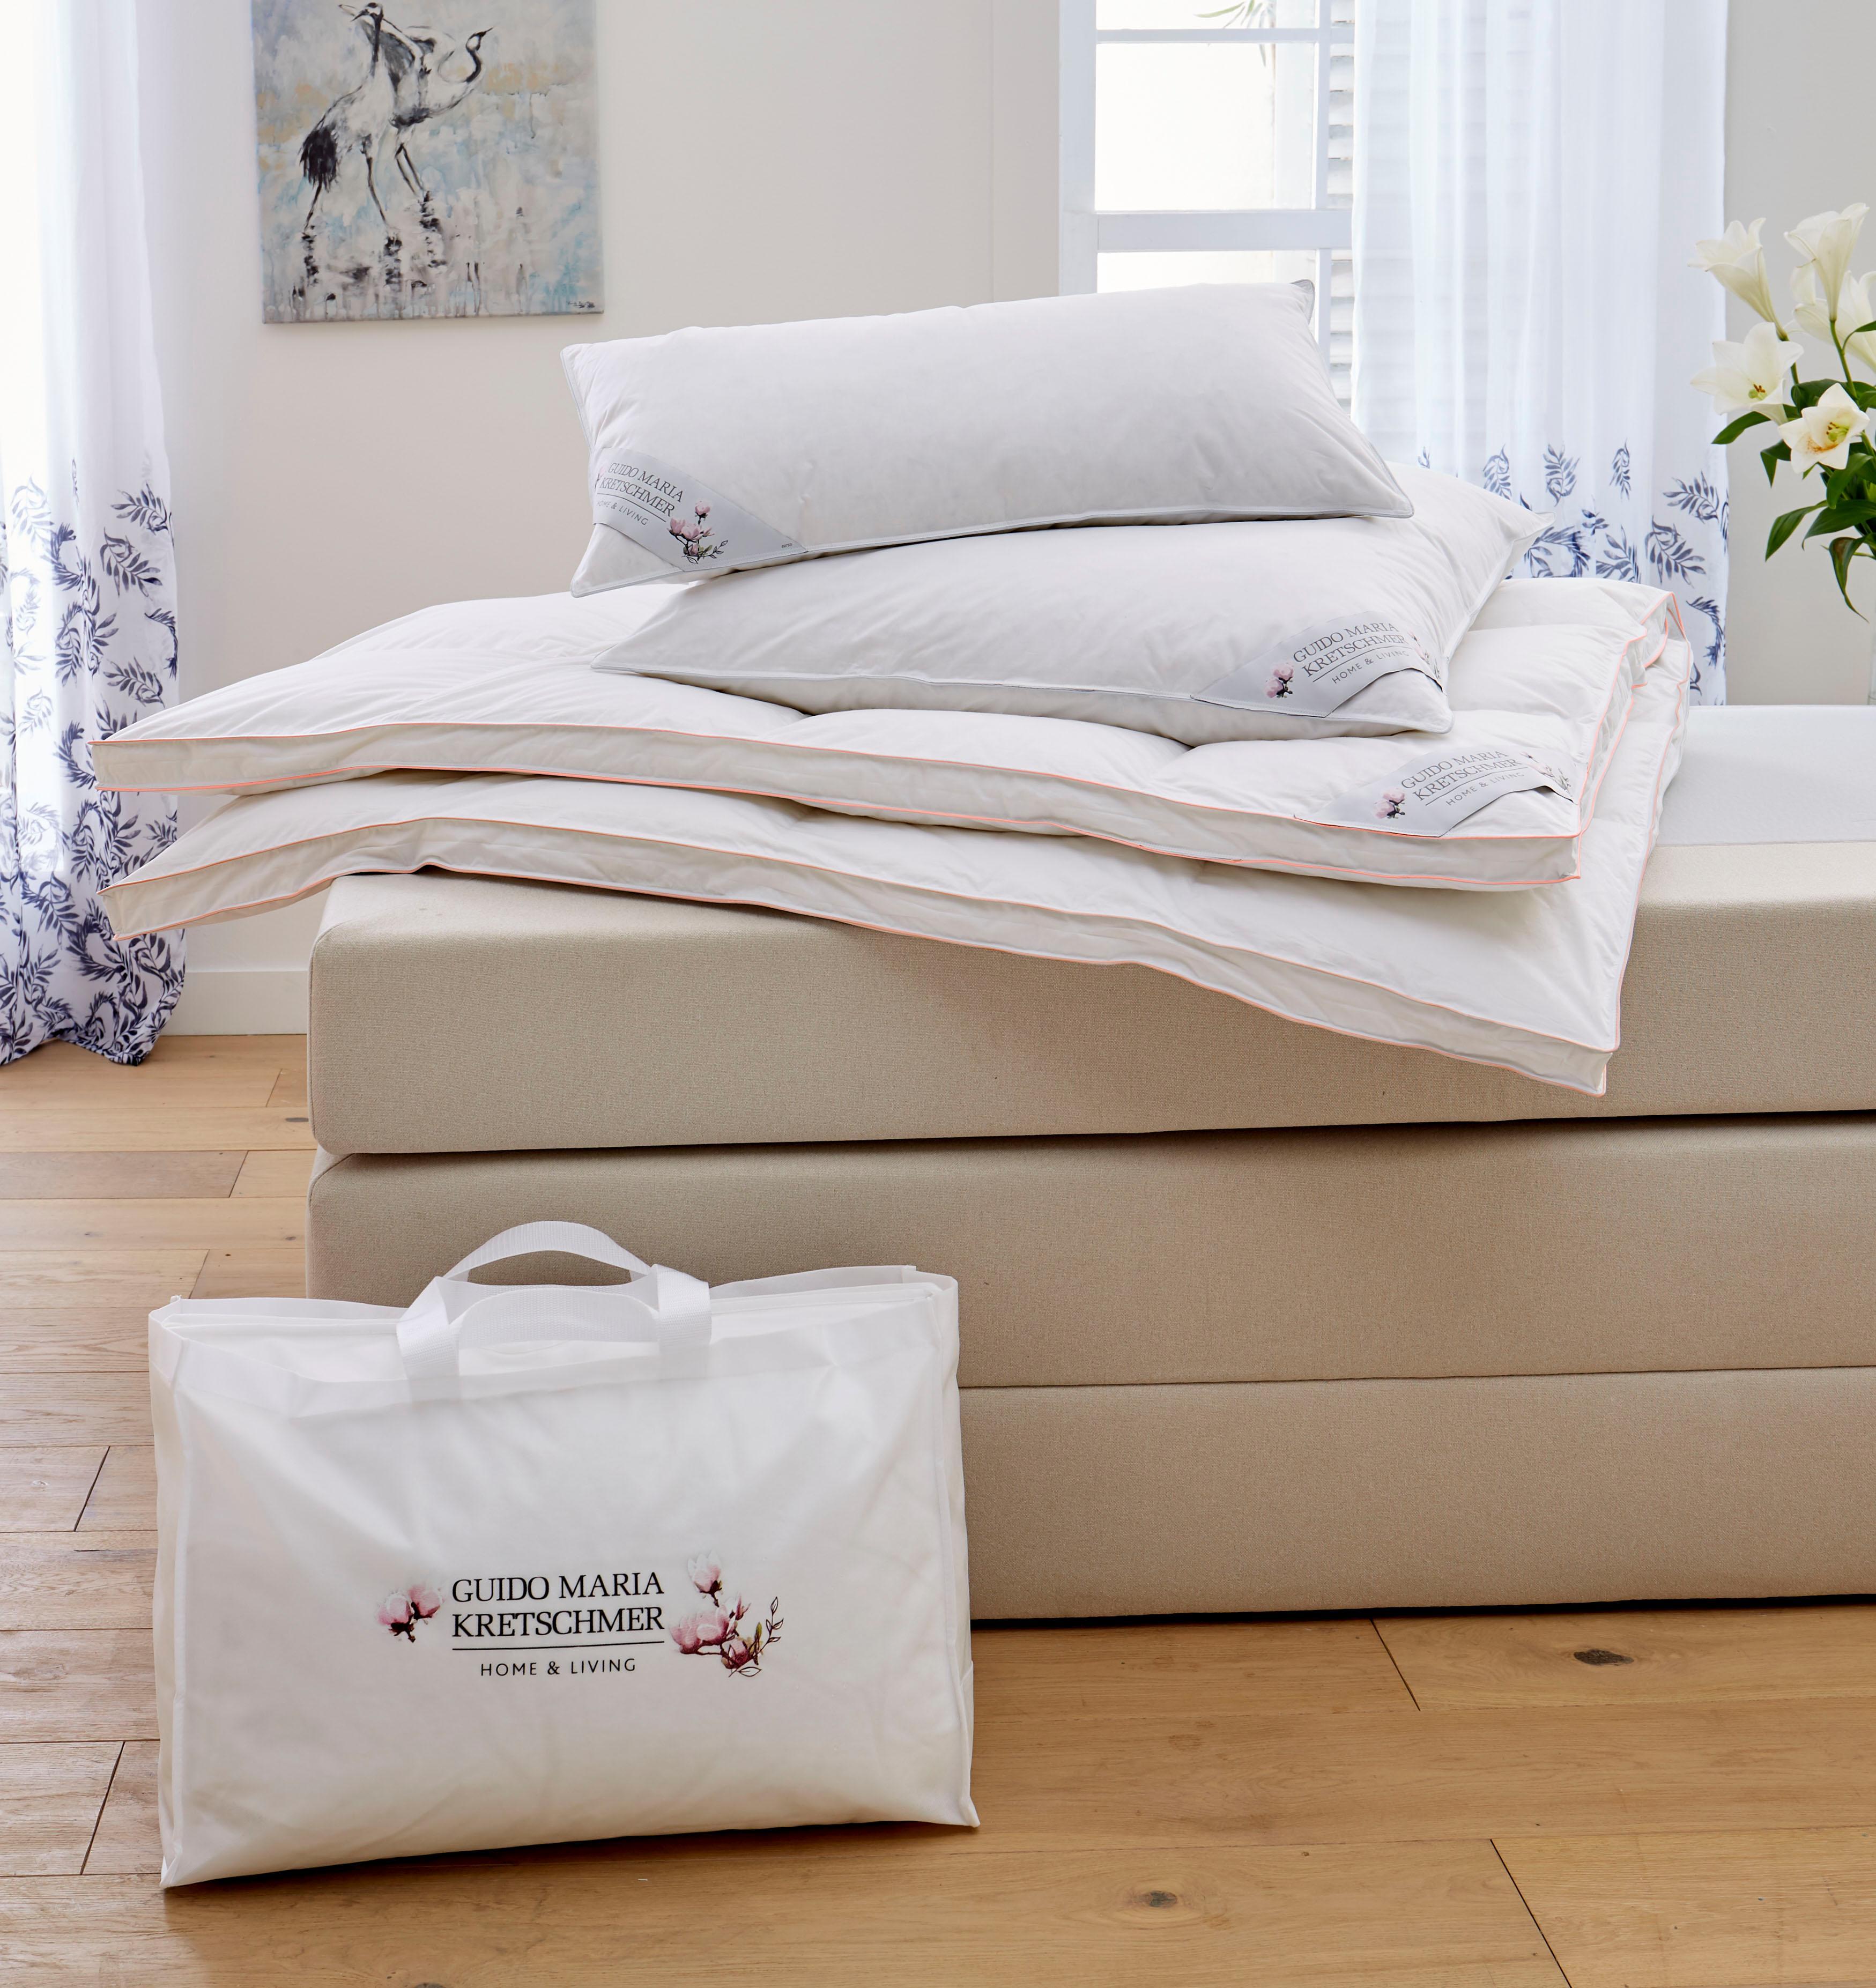 Daunenbettdecke Magnolia Guido Maria Kretschmer Home&Living warm Füllung: 100% Daunen Bezug: 100% Baumwolle